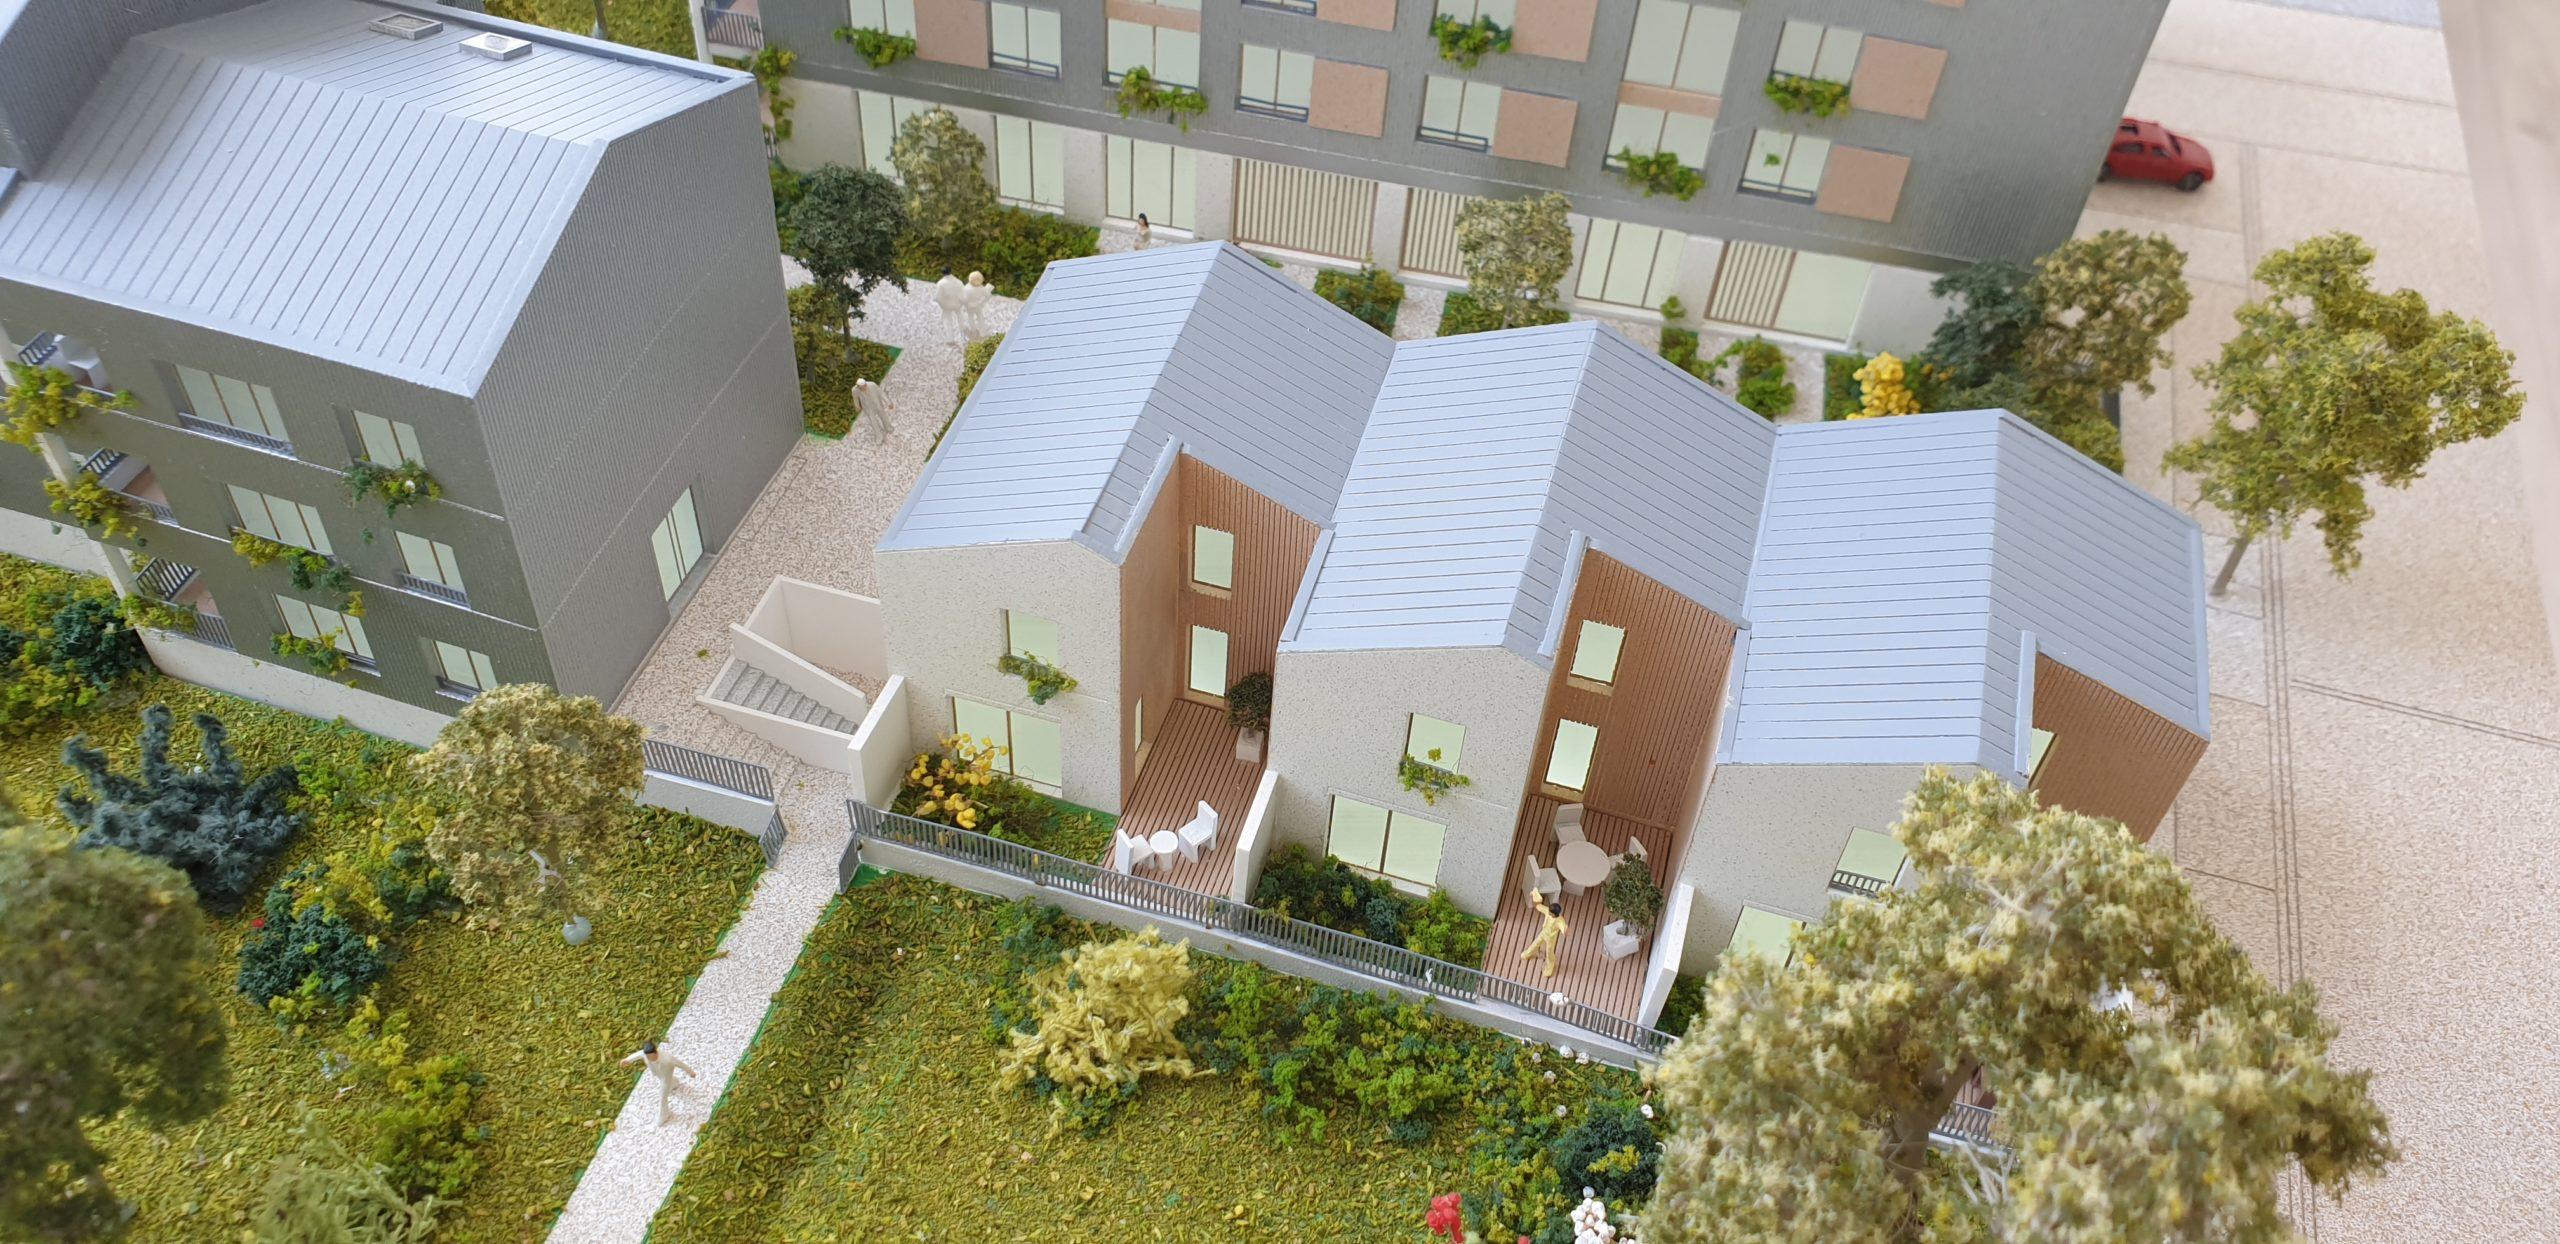 Les maisons de ville - vue terrasse